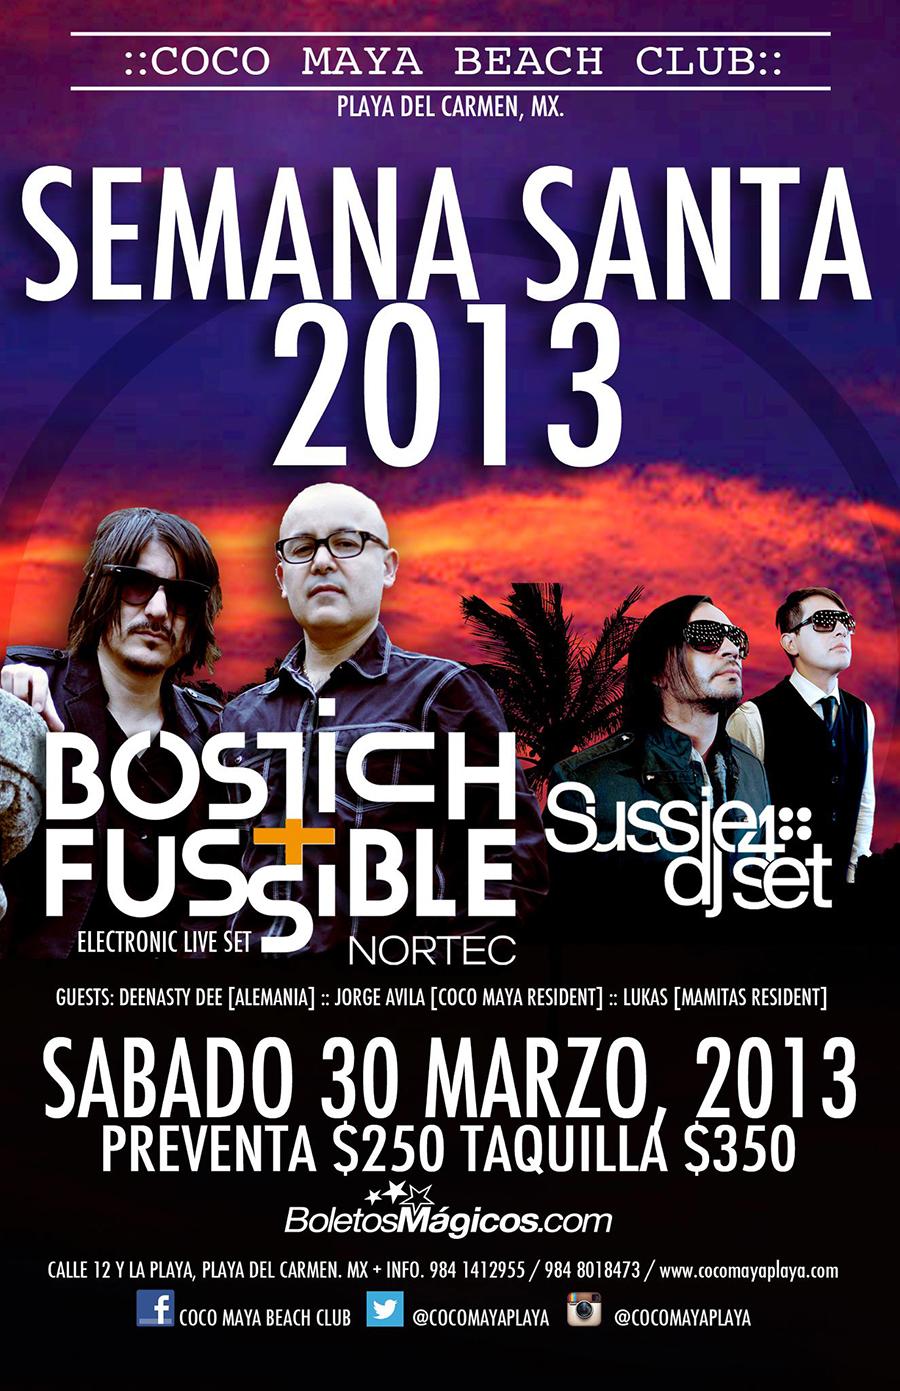 Bostich + Fussible (Nortec) & Sussie 4 @ Coco Maya - Semana Santa 2013